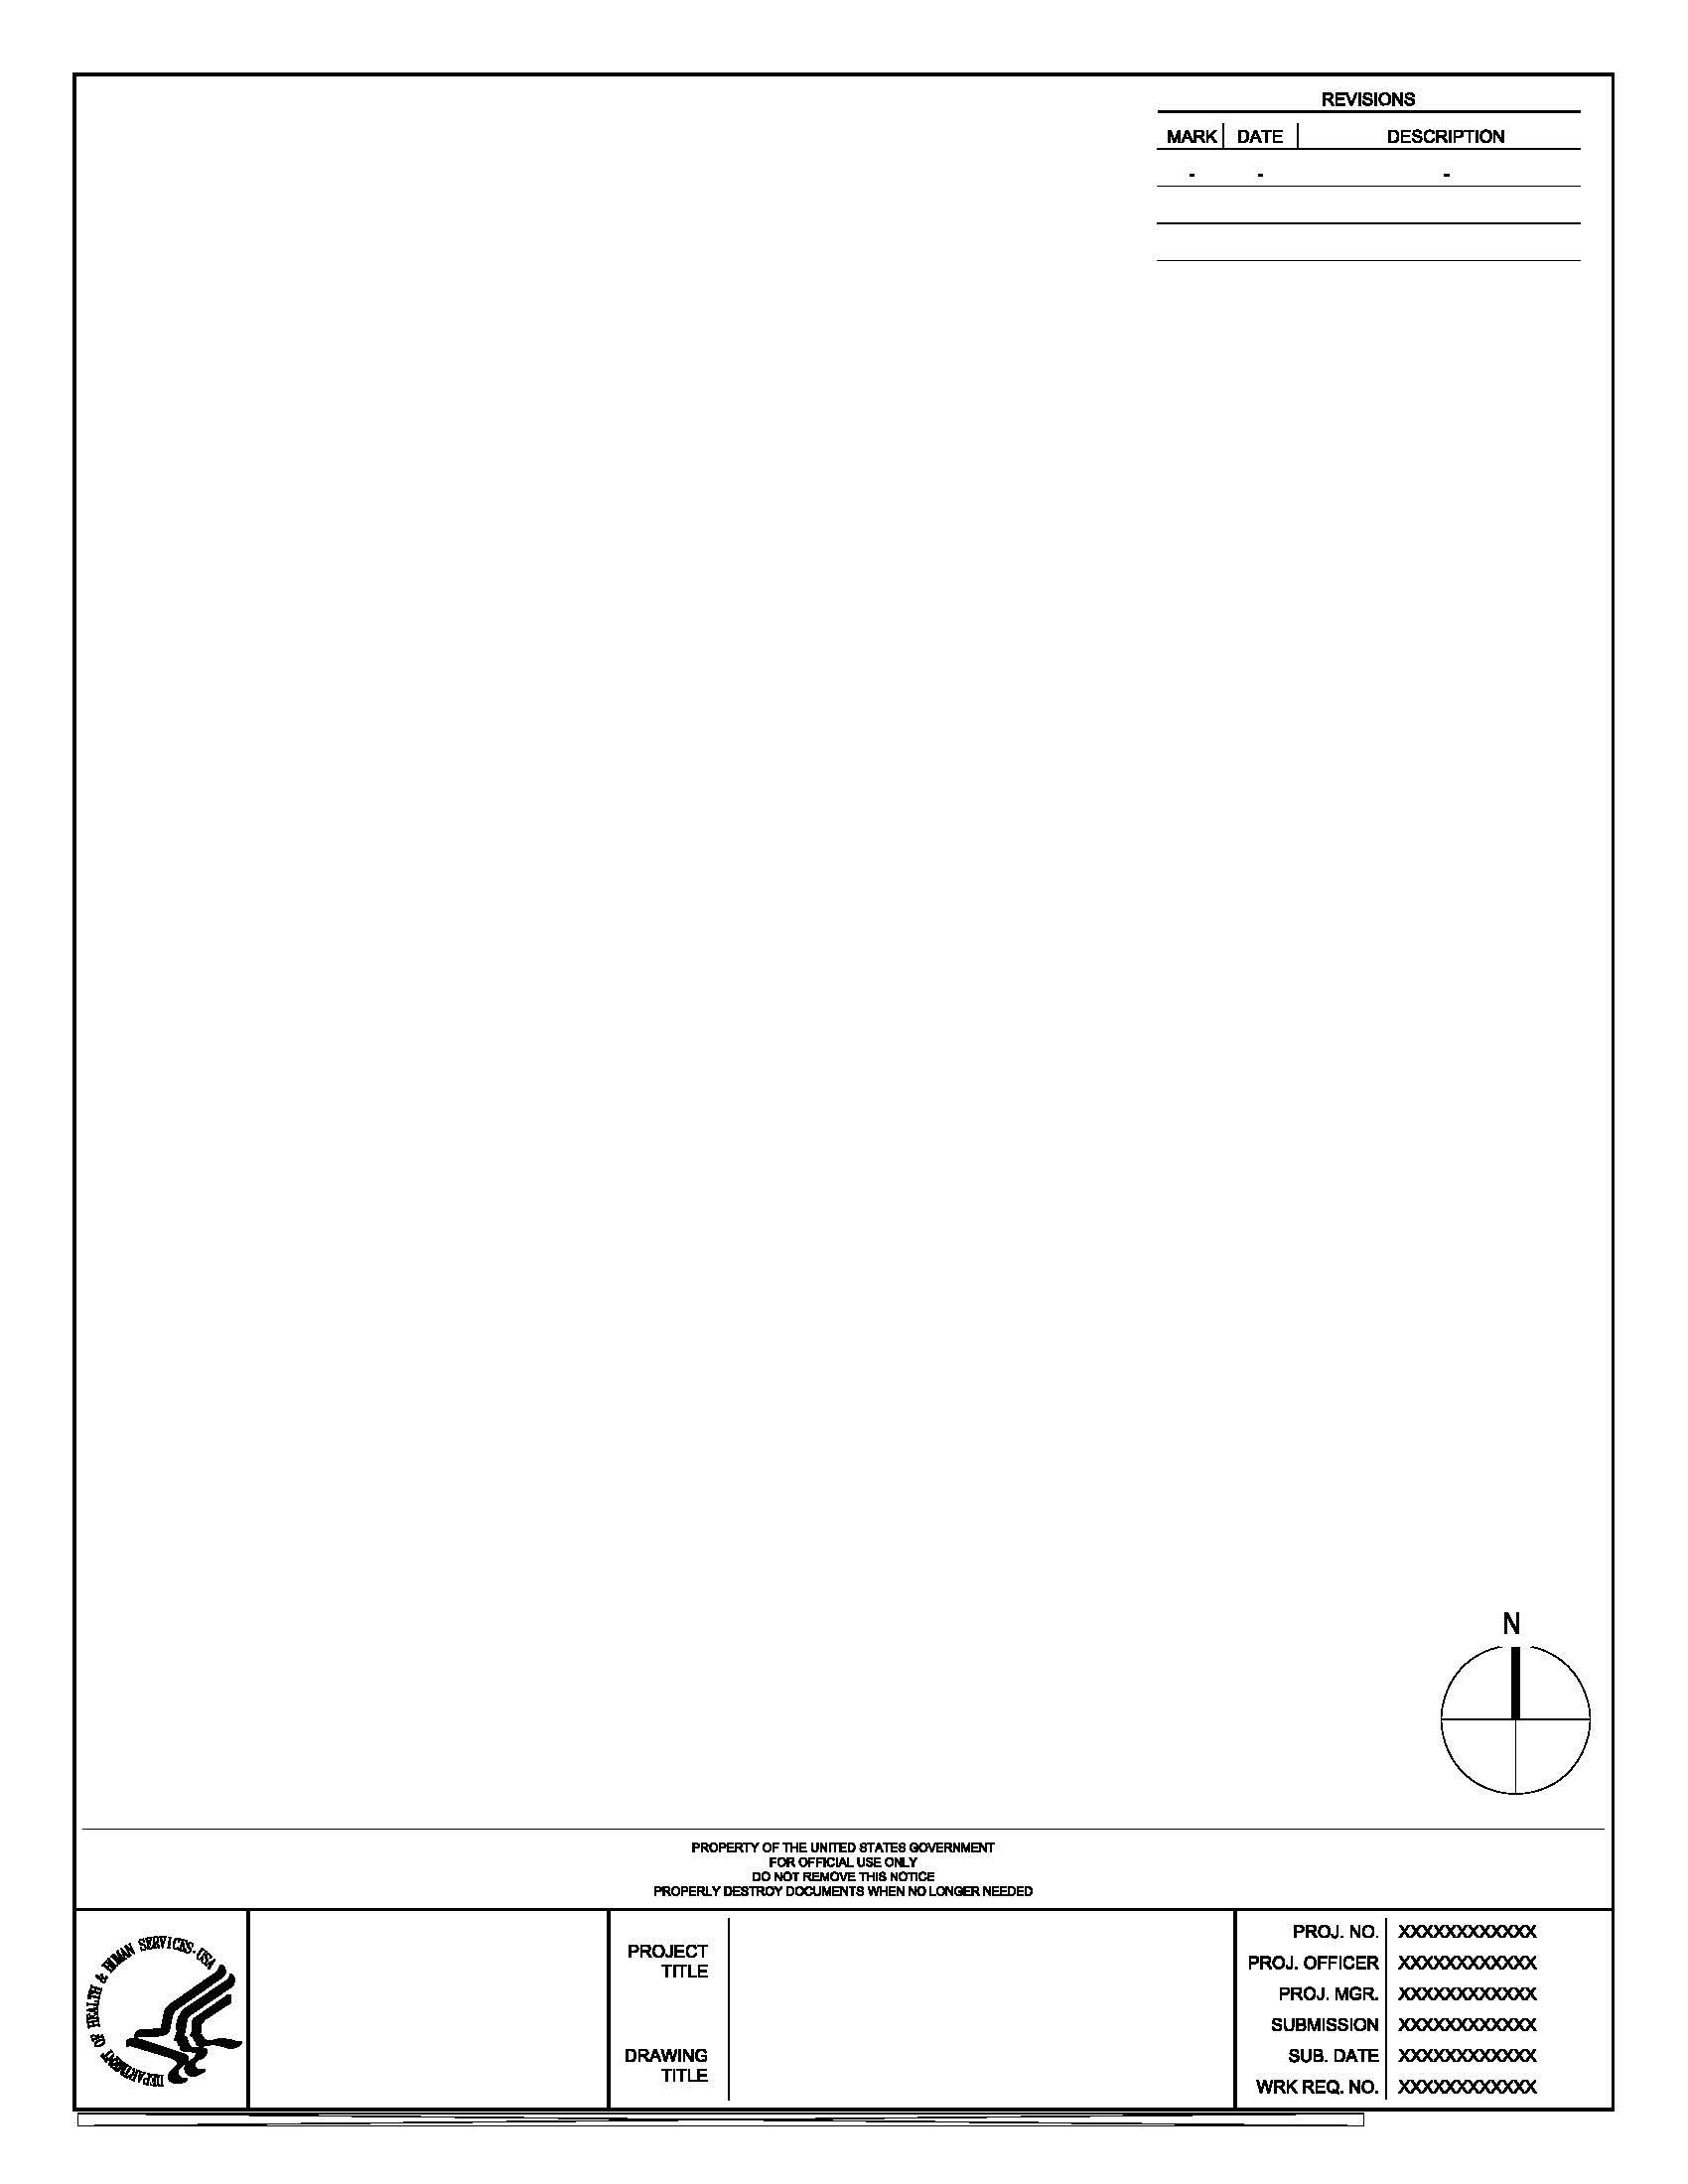 nih standard cad details Title Block Design